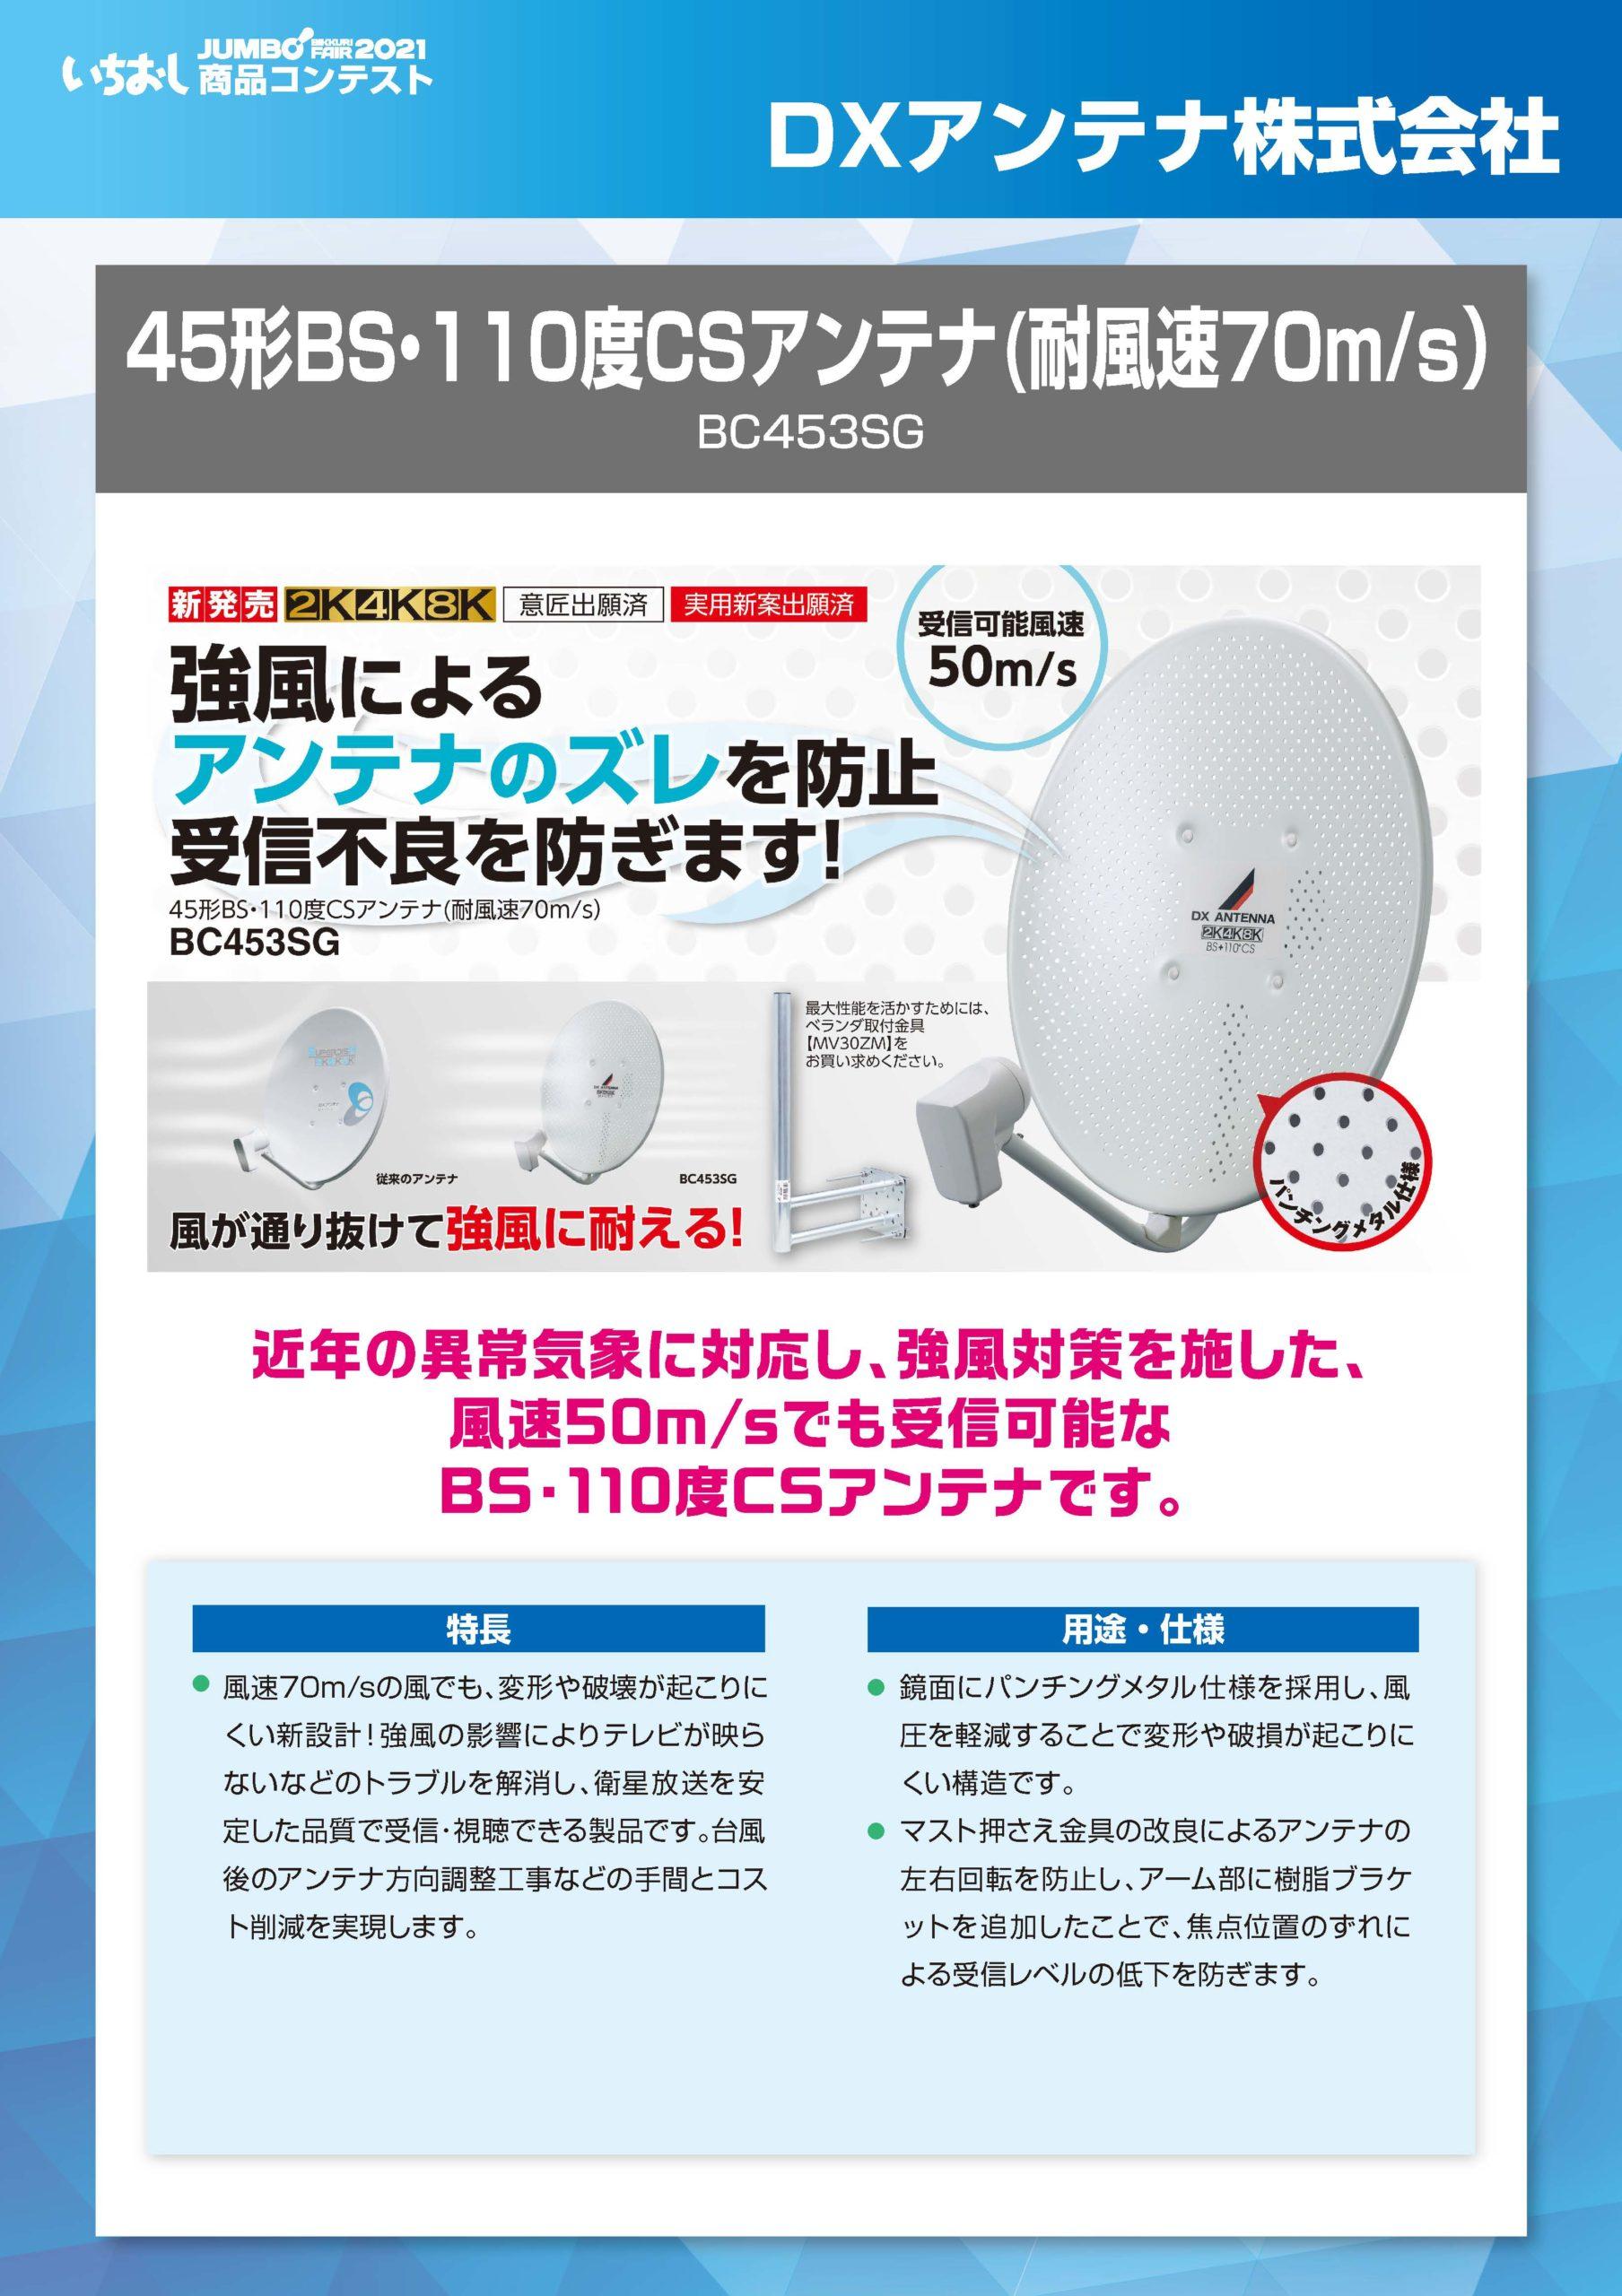 「45形BS・110度CSアンテナ(耐風速70m/s)」DXアンテナ株式会社の画像